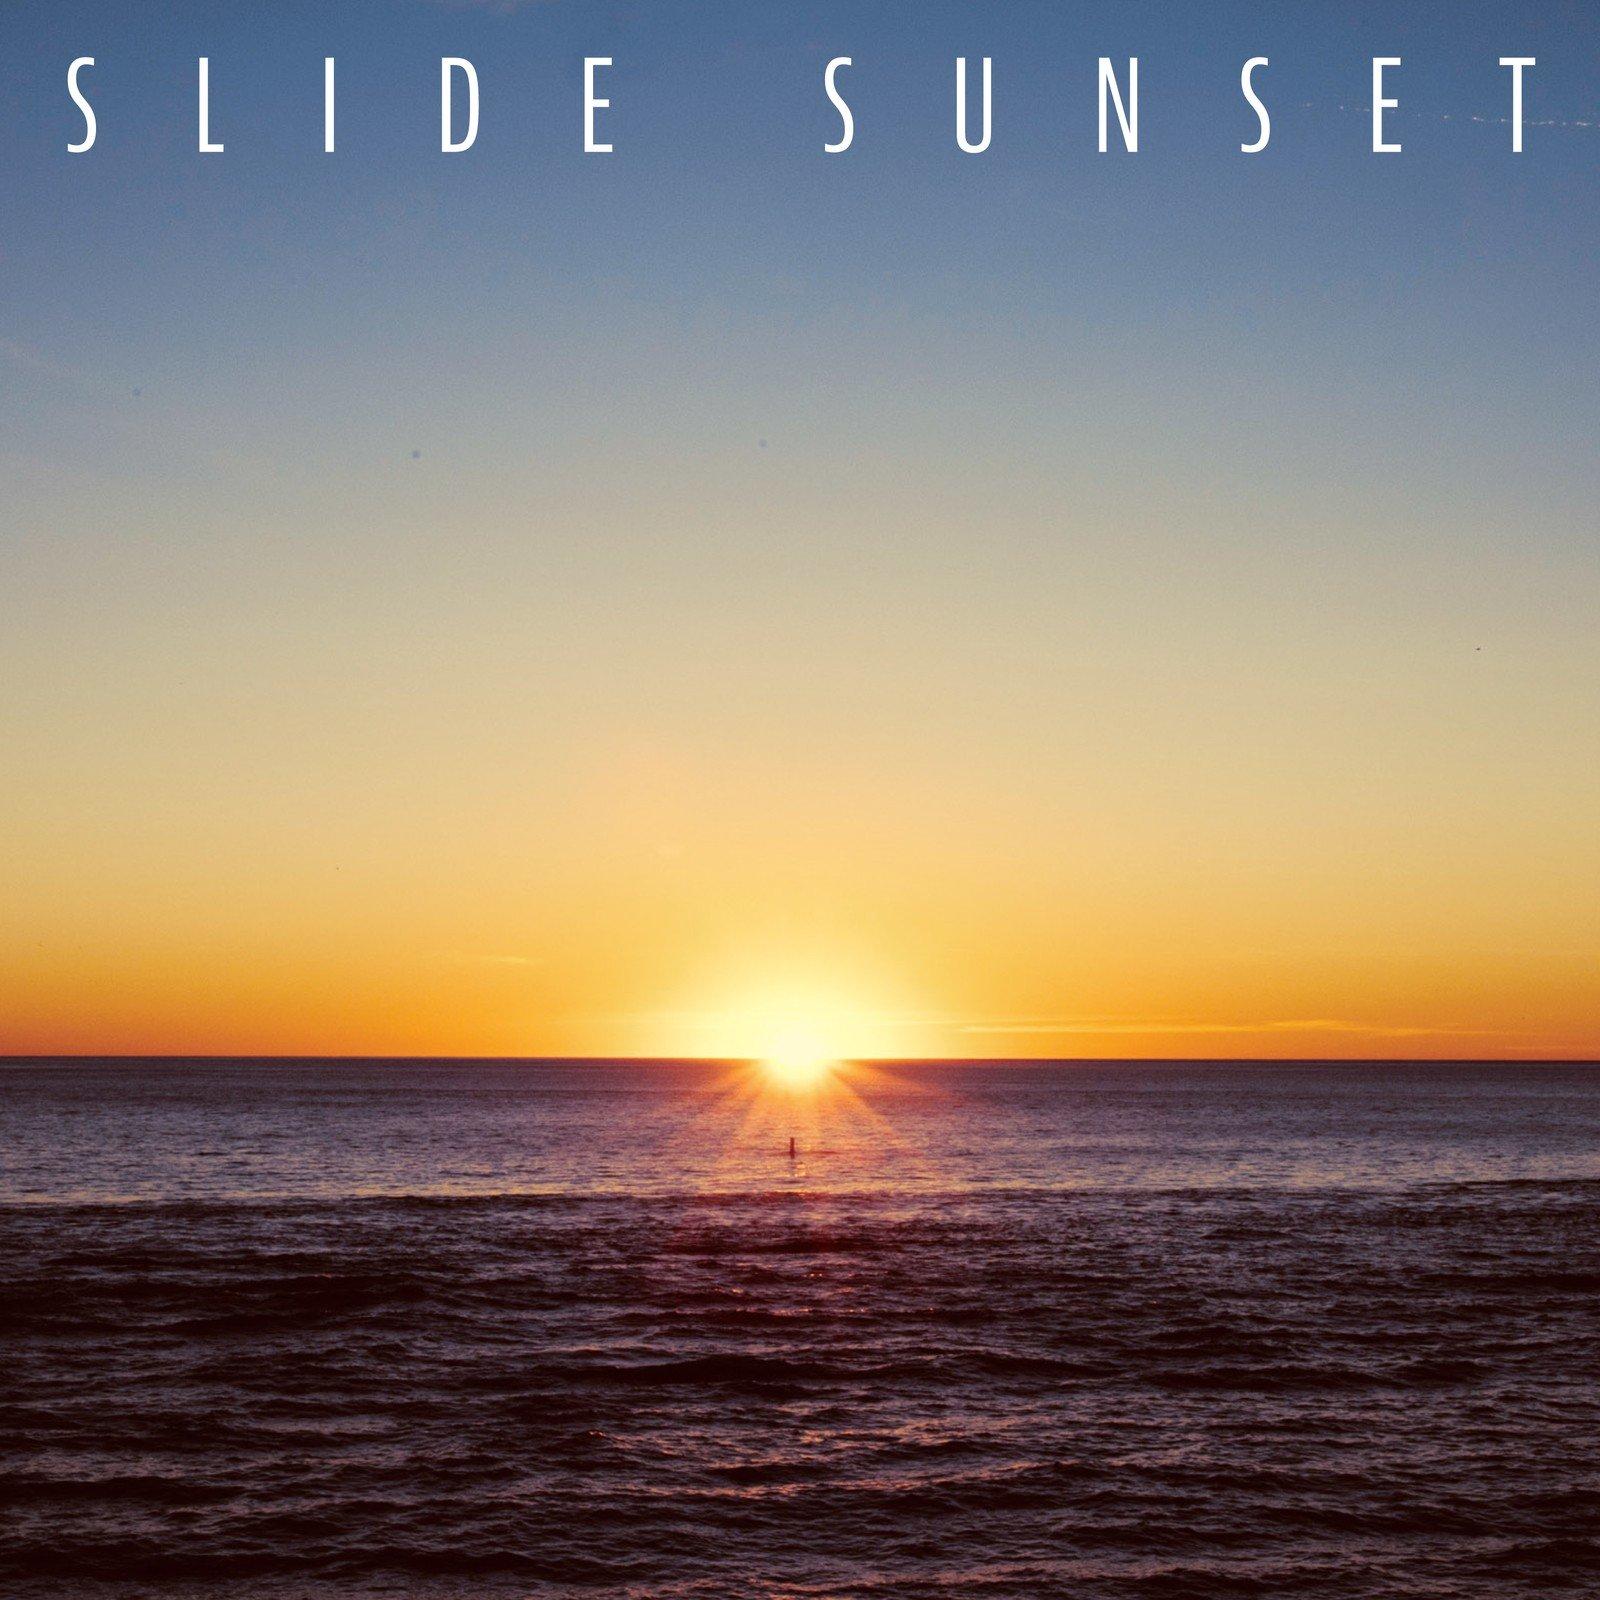 AliA – SLIDE SUNSET [Ototoy FLAC 24bit/48kHz]